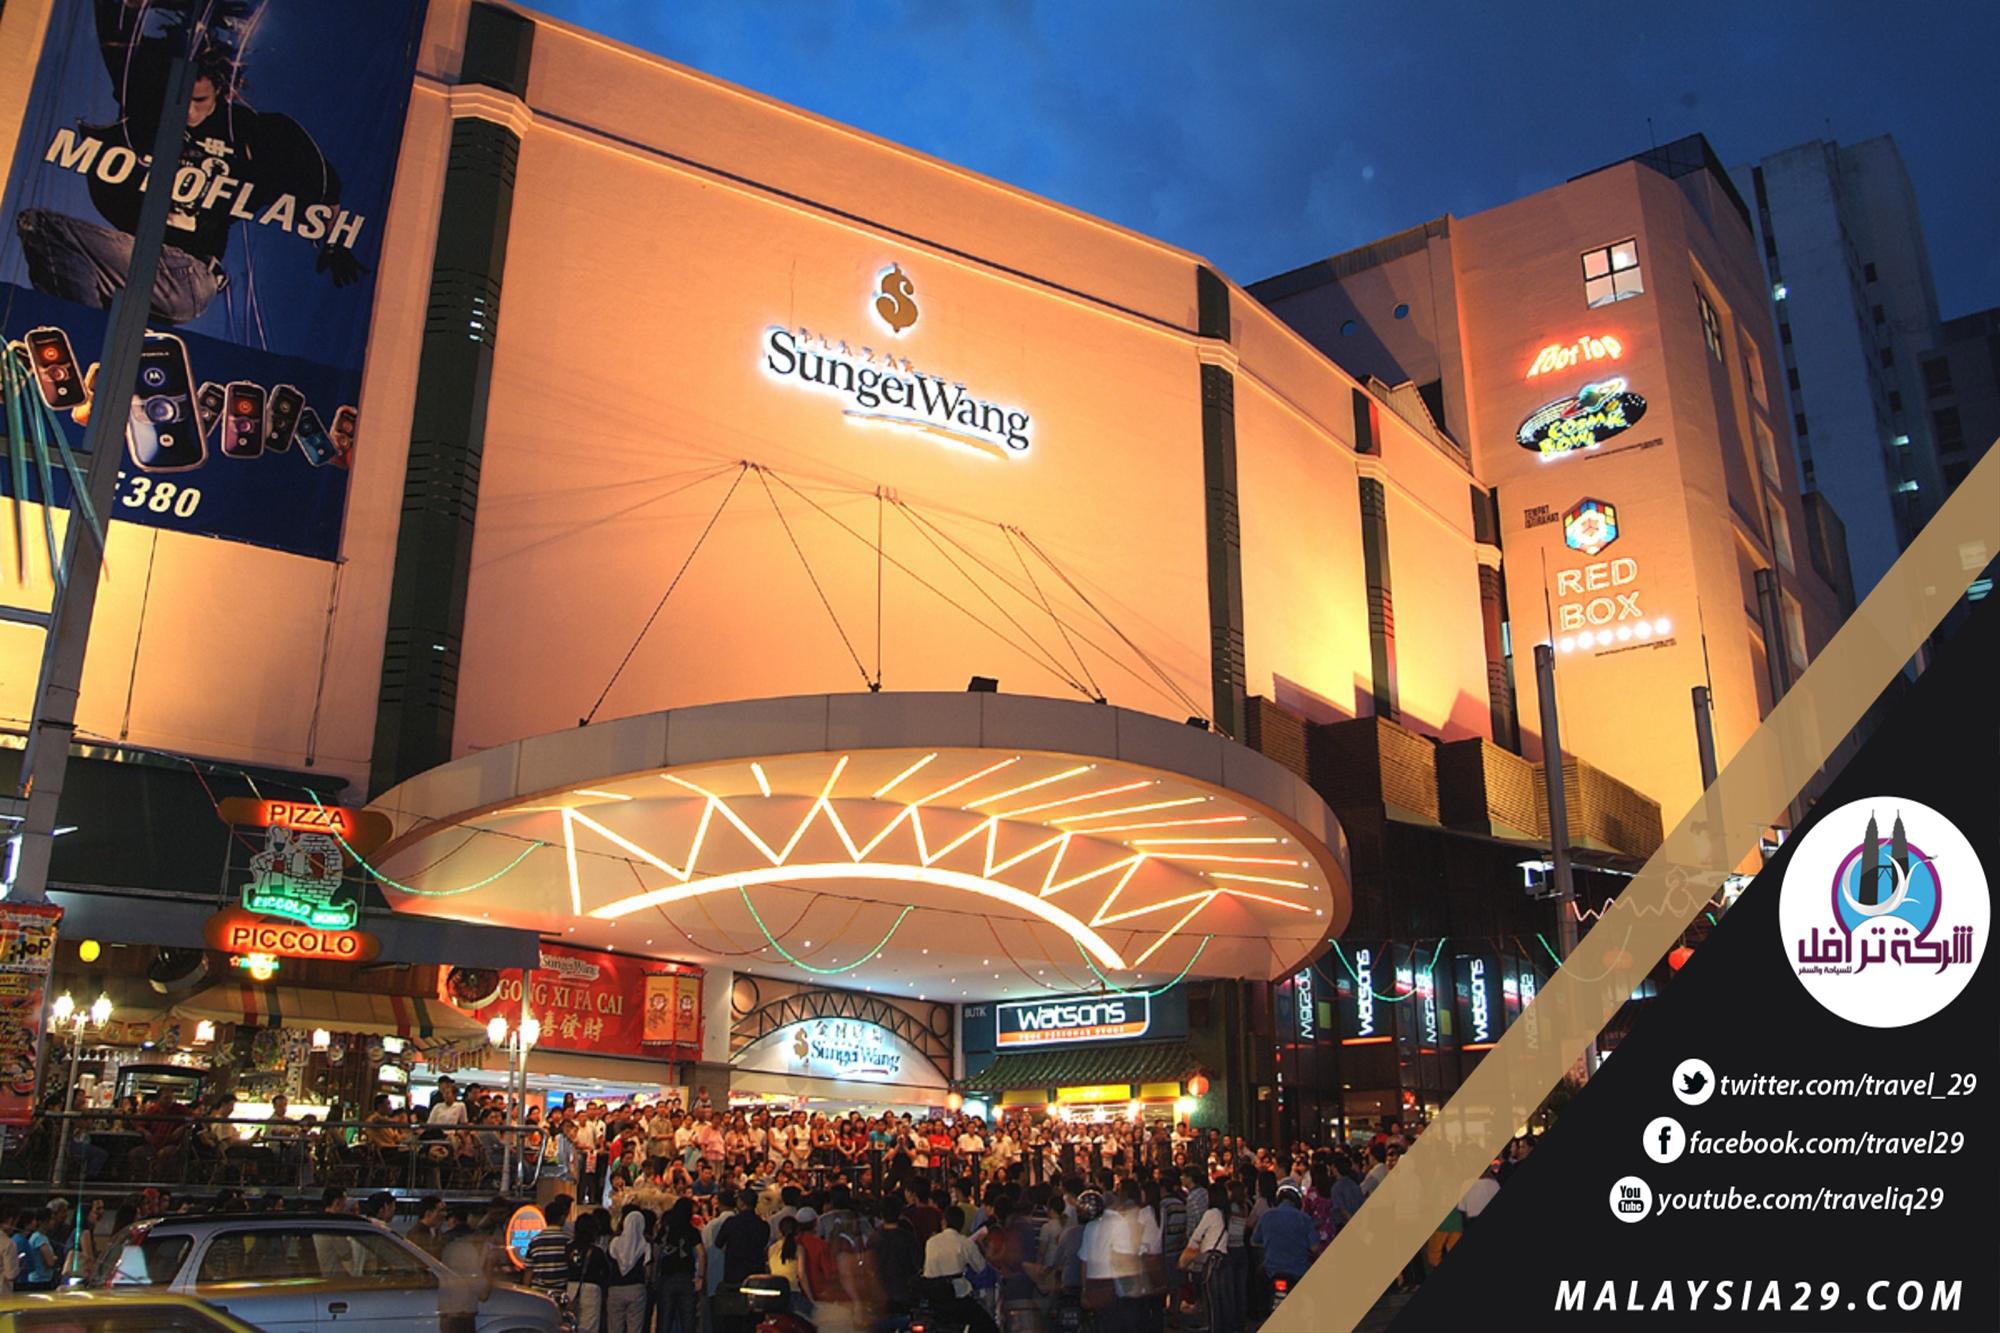 افضل 10 اماكن تسوق في كوالالمبور ماليزيا